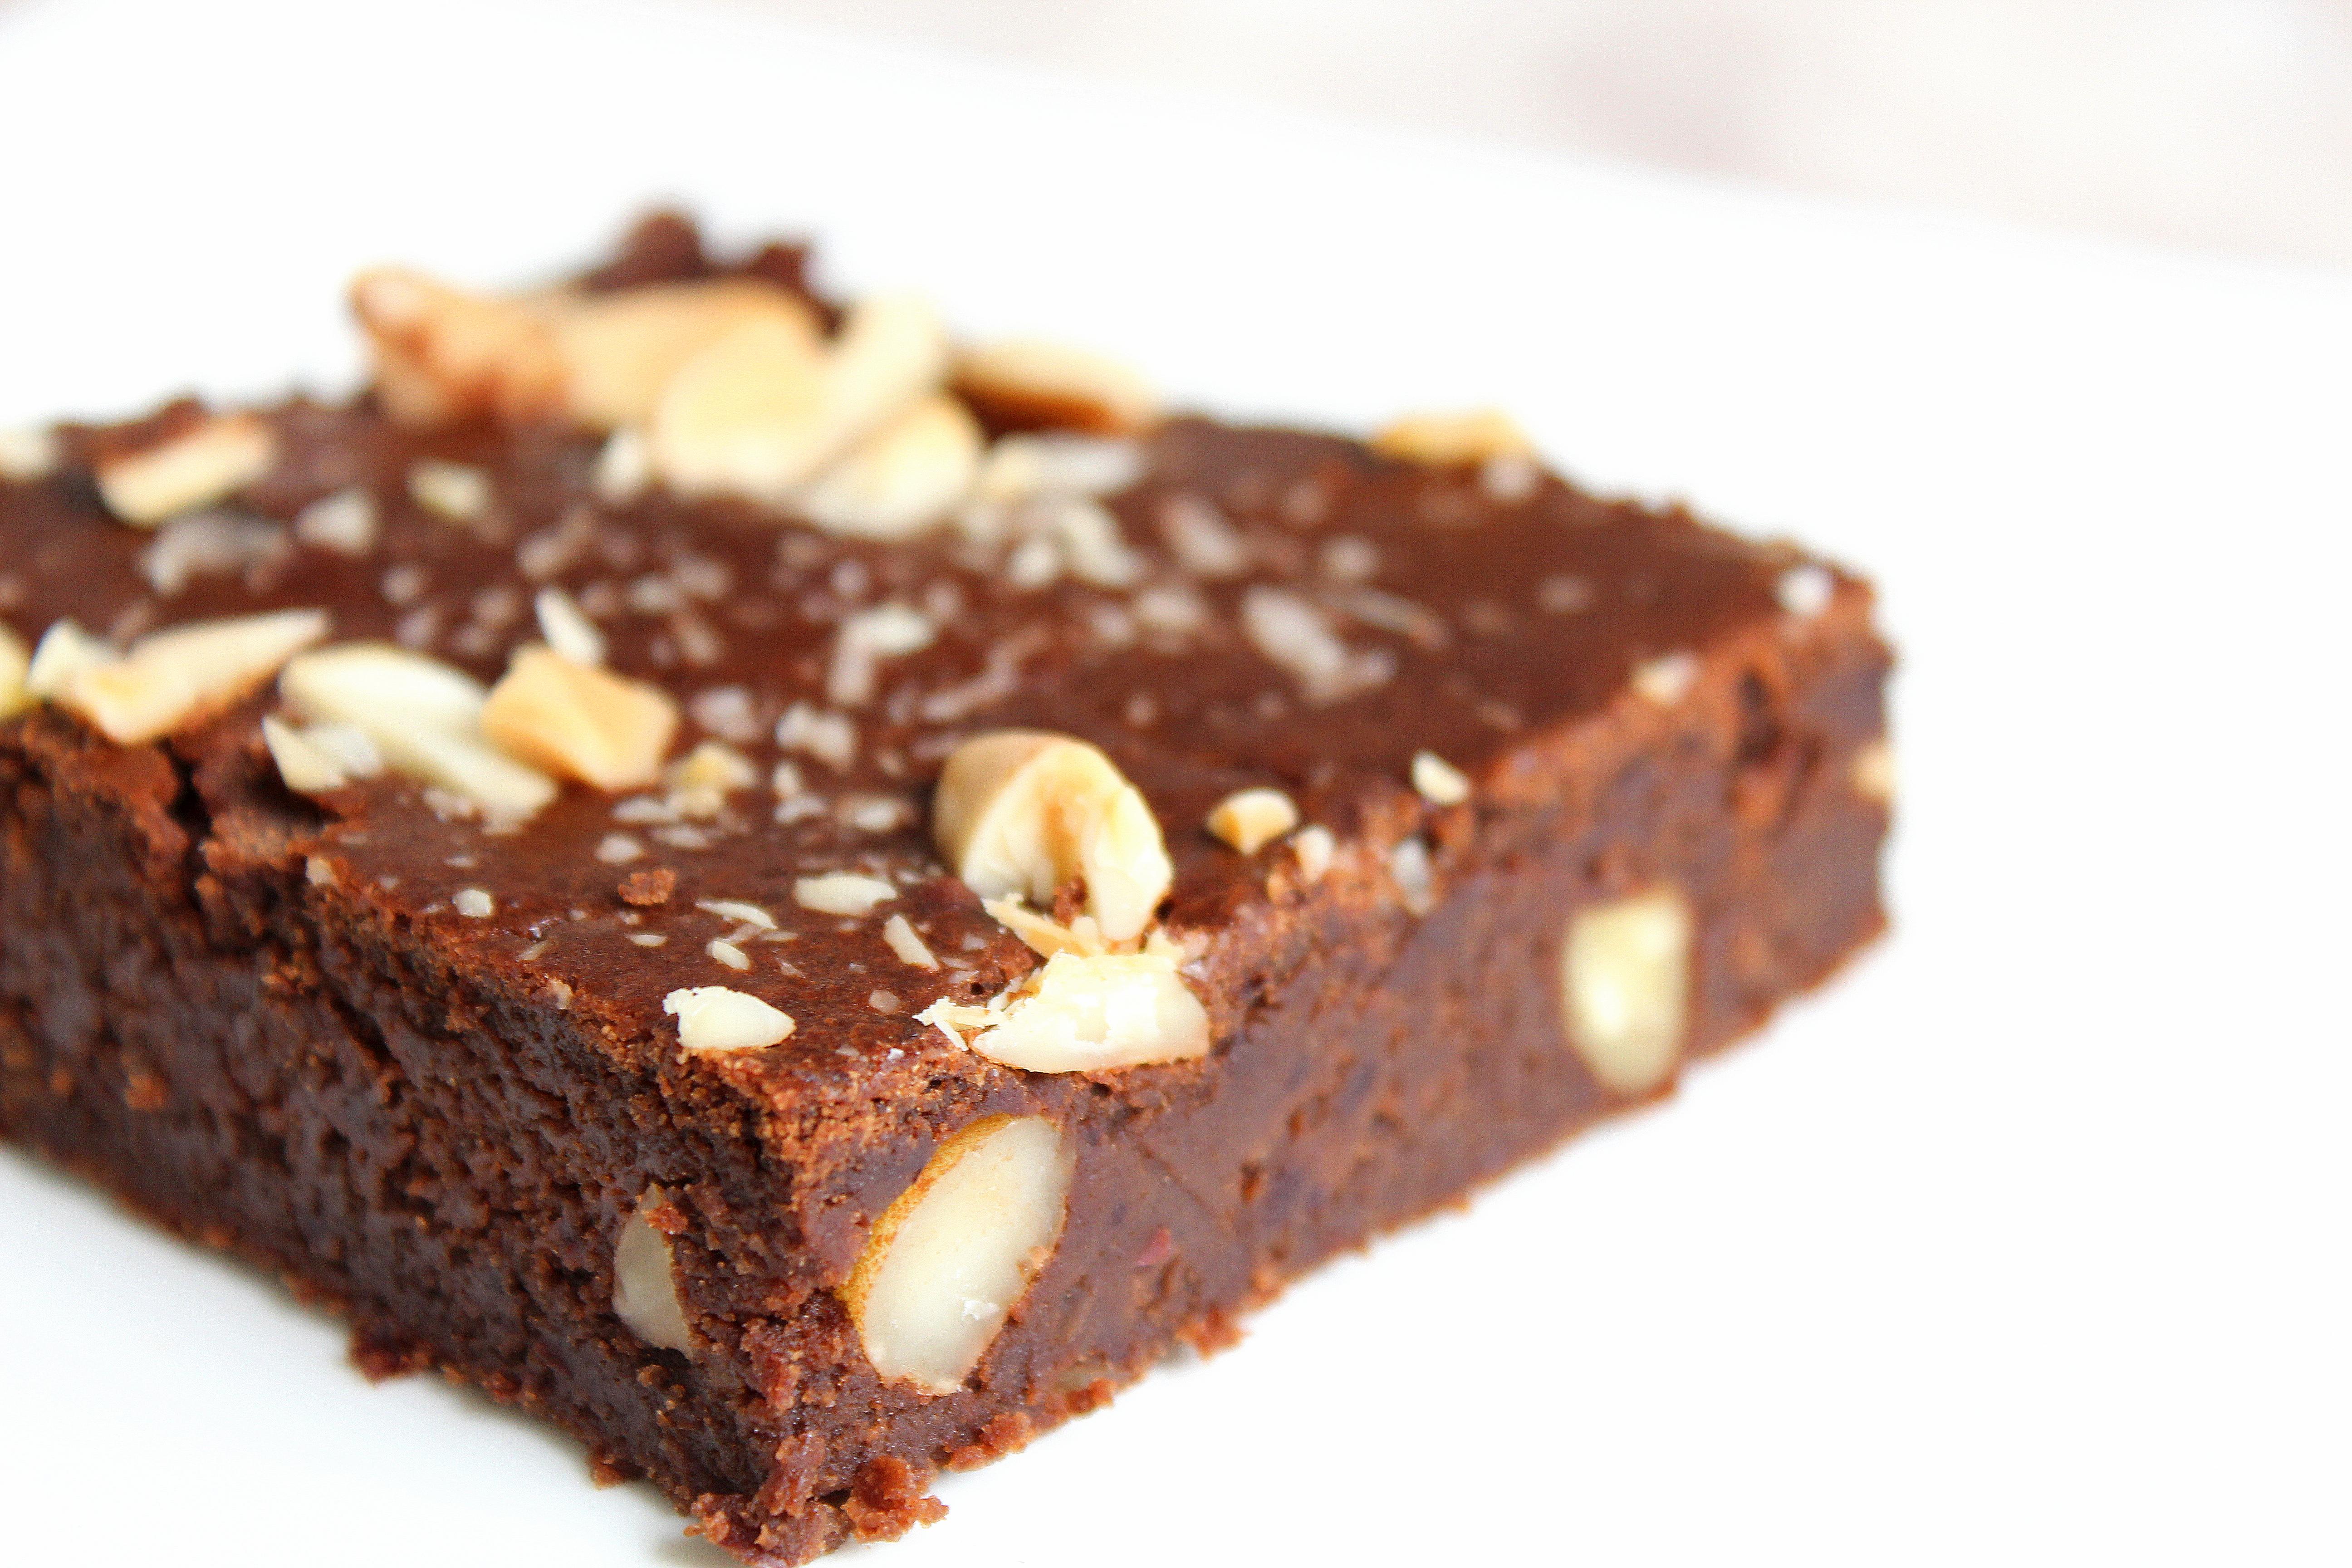 Brownie protéiné aux haricots rouges, chocolat, amandes, vegan, sans gluten, sans lactose, sans oeufs